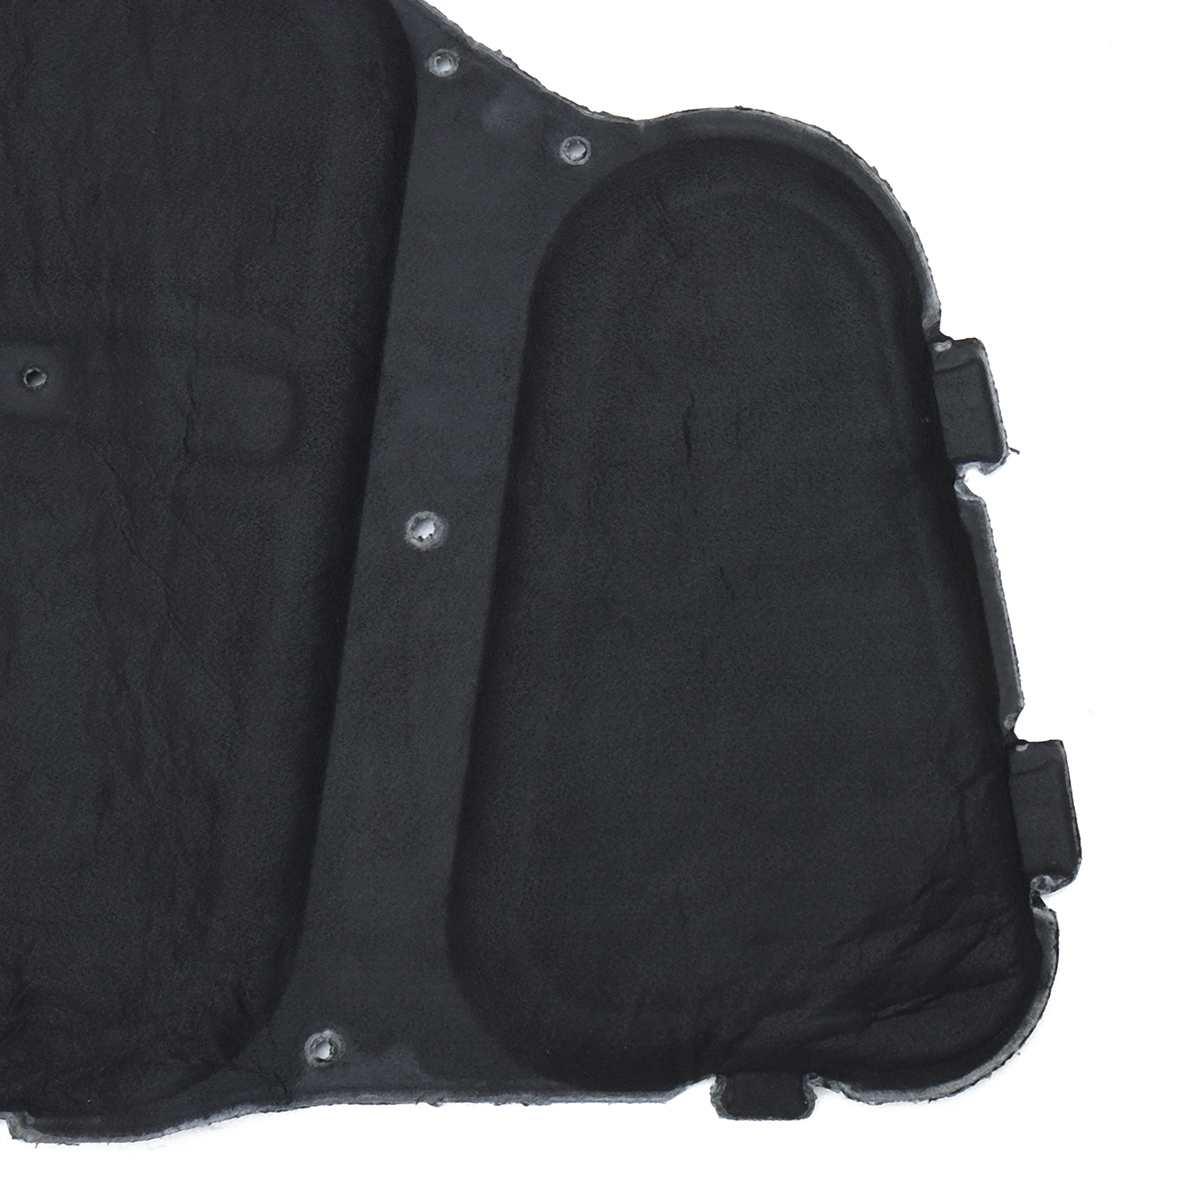 Réduction du bruit coussin d'isolation voiture stéréo bruit isolation thermique insonorisé tapis de protection pour BMW E60 E61 525i 528i 530i - 4